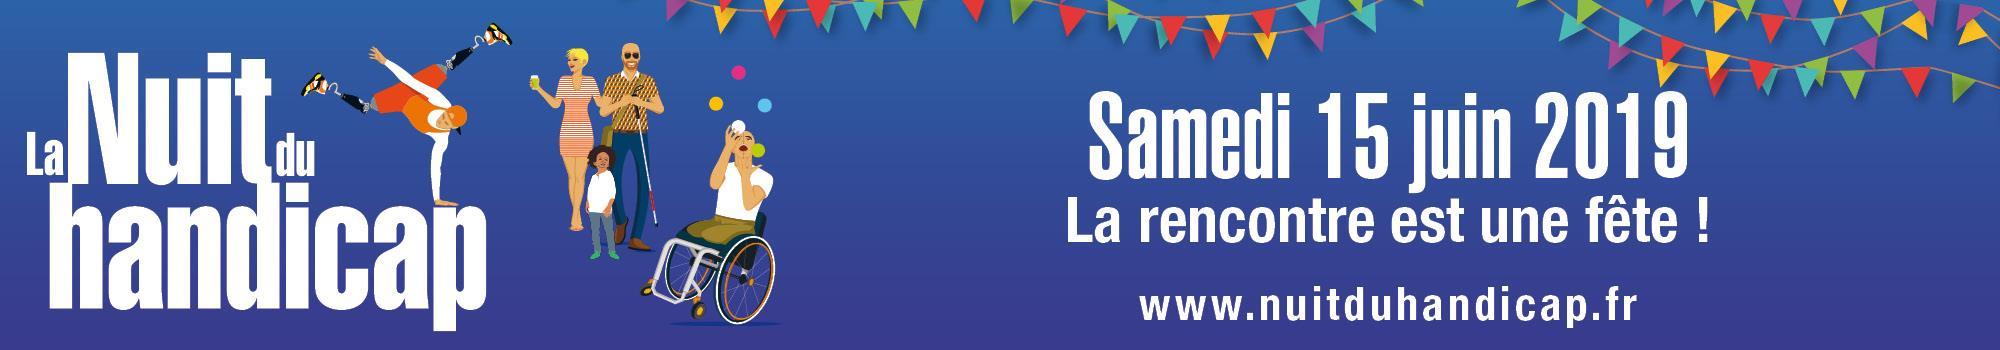 La Nuit du handicap 2019 - Boulogne-Billancourt  - LA NUIT DU HANDICAP